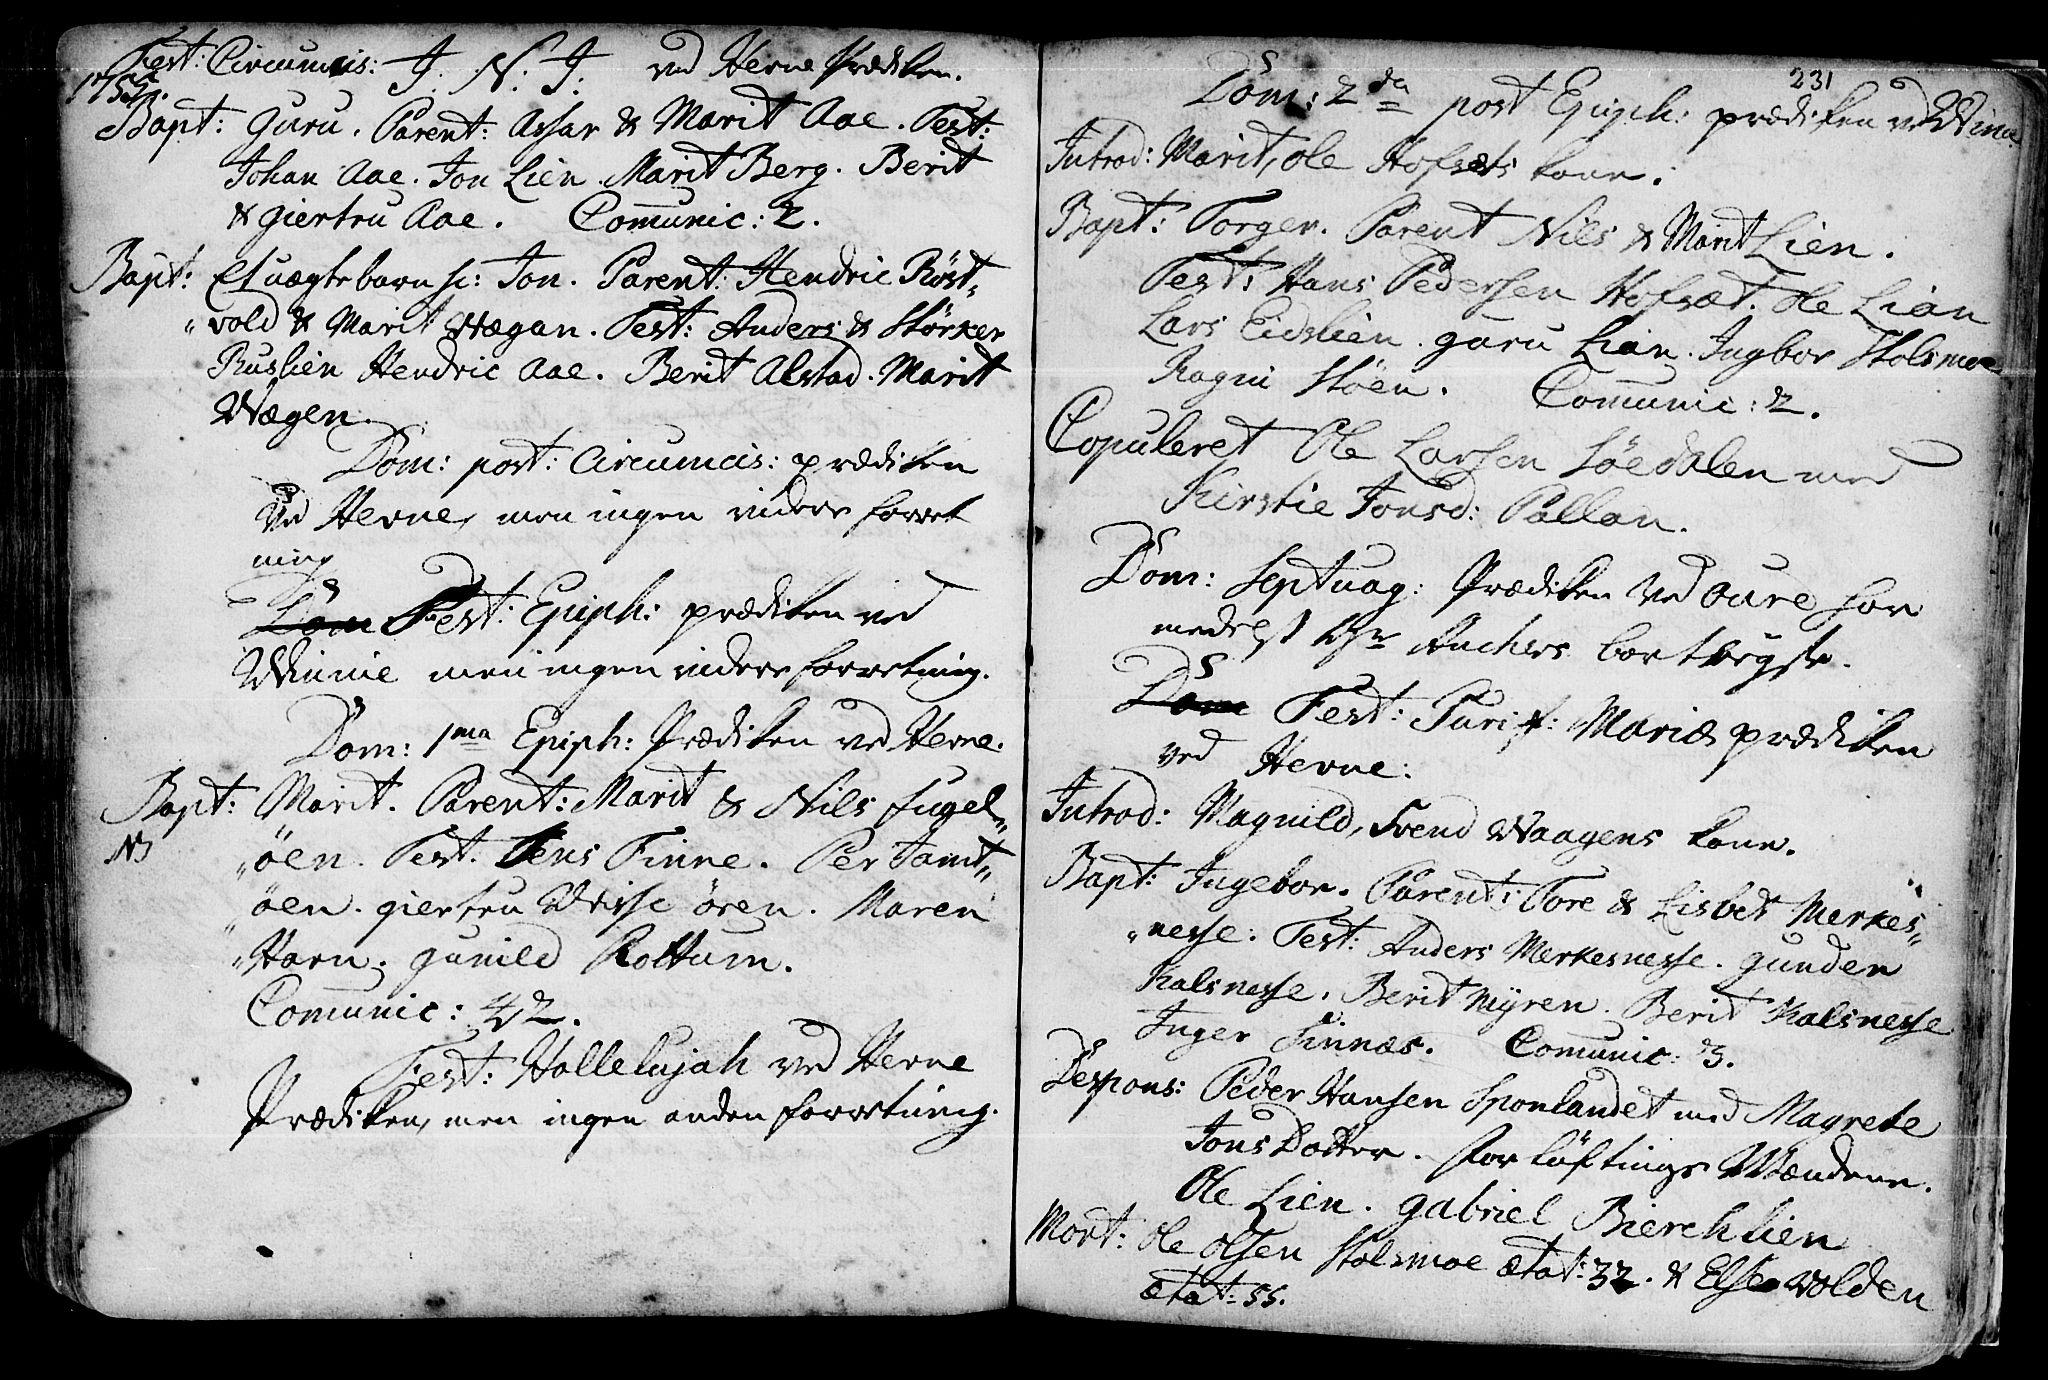 SAT, Ministerialprotokoller, klokkerbøker og fødselsregistre - Sør-Trøndelag, 630/L0488: Ministerialbok nr. 630A01, 1717-1756, s. 230-231